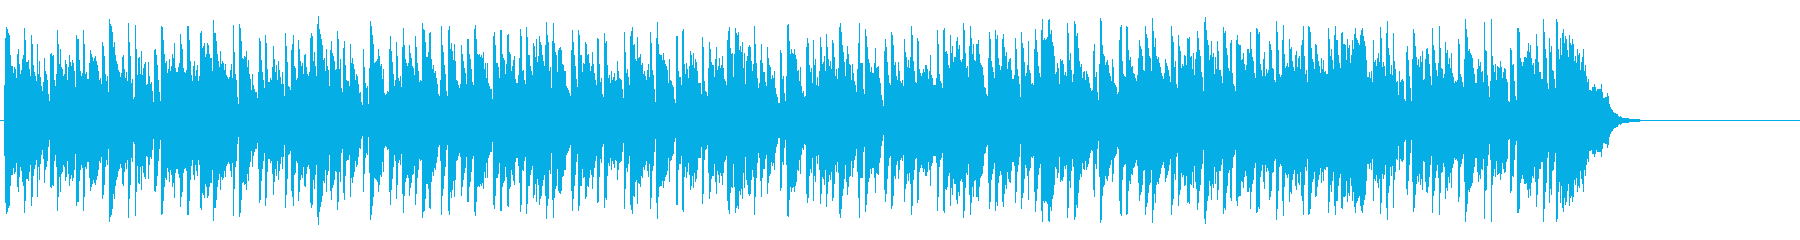 爽やかな午後のリゾート風ボサノバポップの再生済みの波形